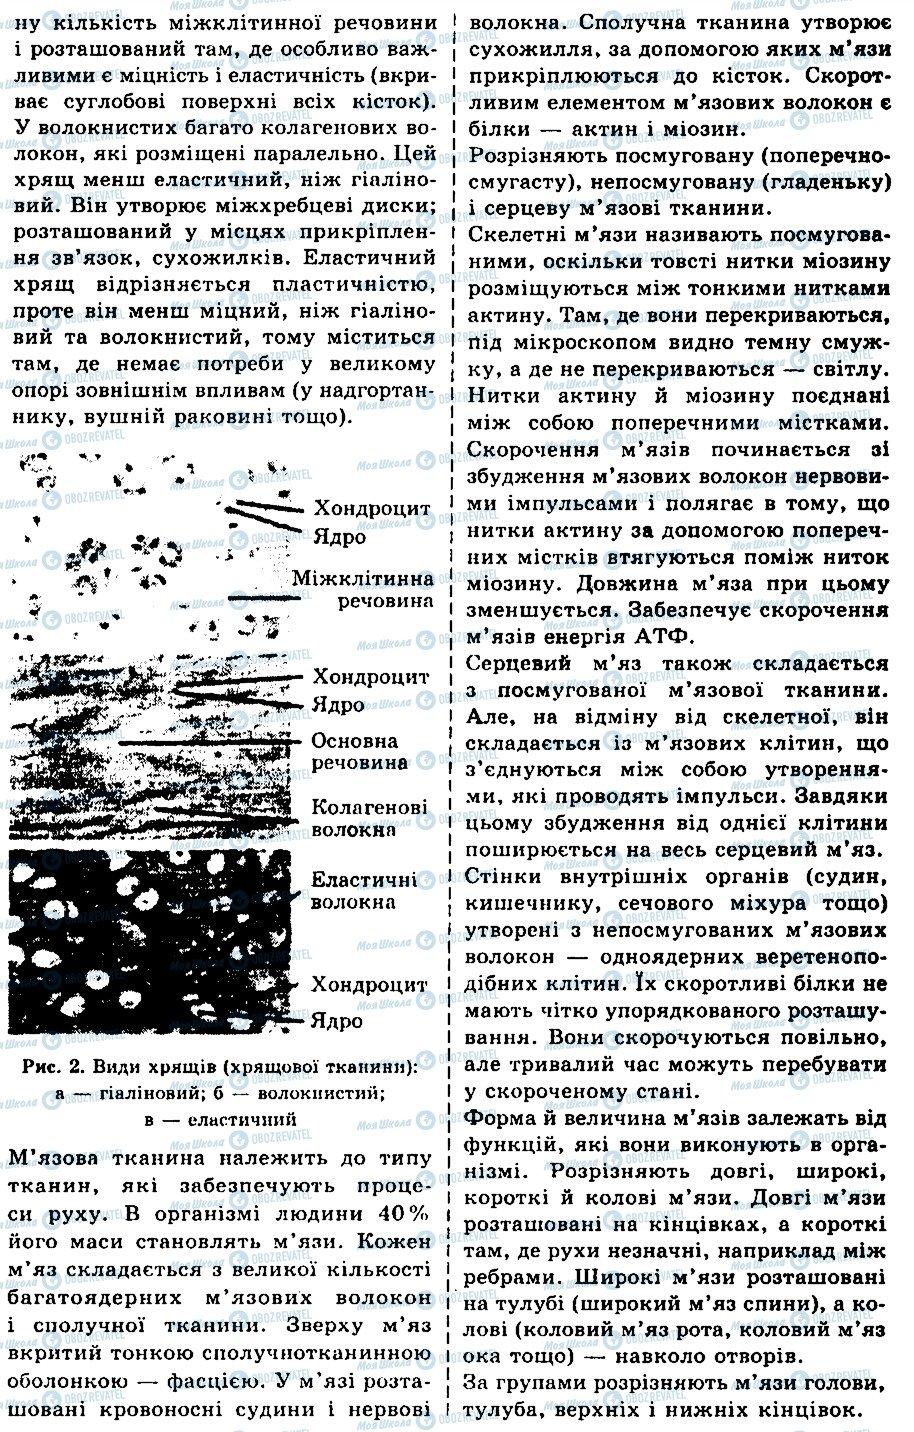 ГДЗ Биология 9 класс страница ЛР1